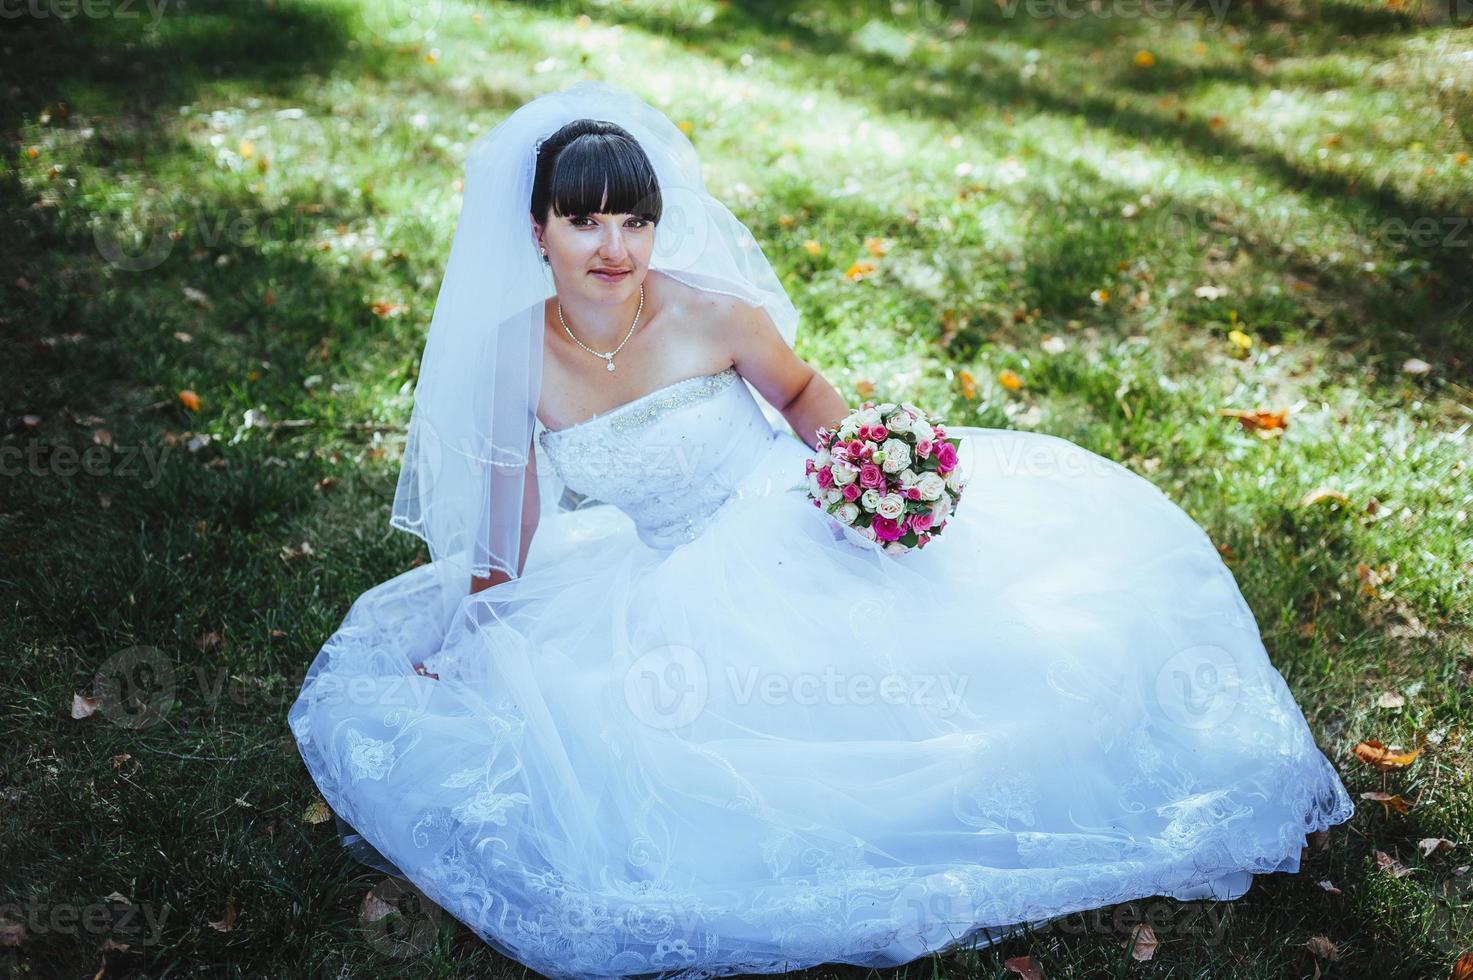 hermosa novia posando en el día de su boda foto